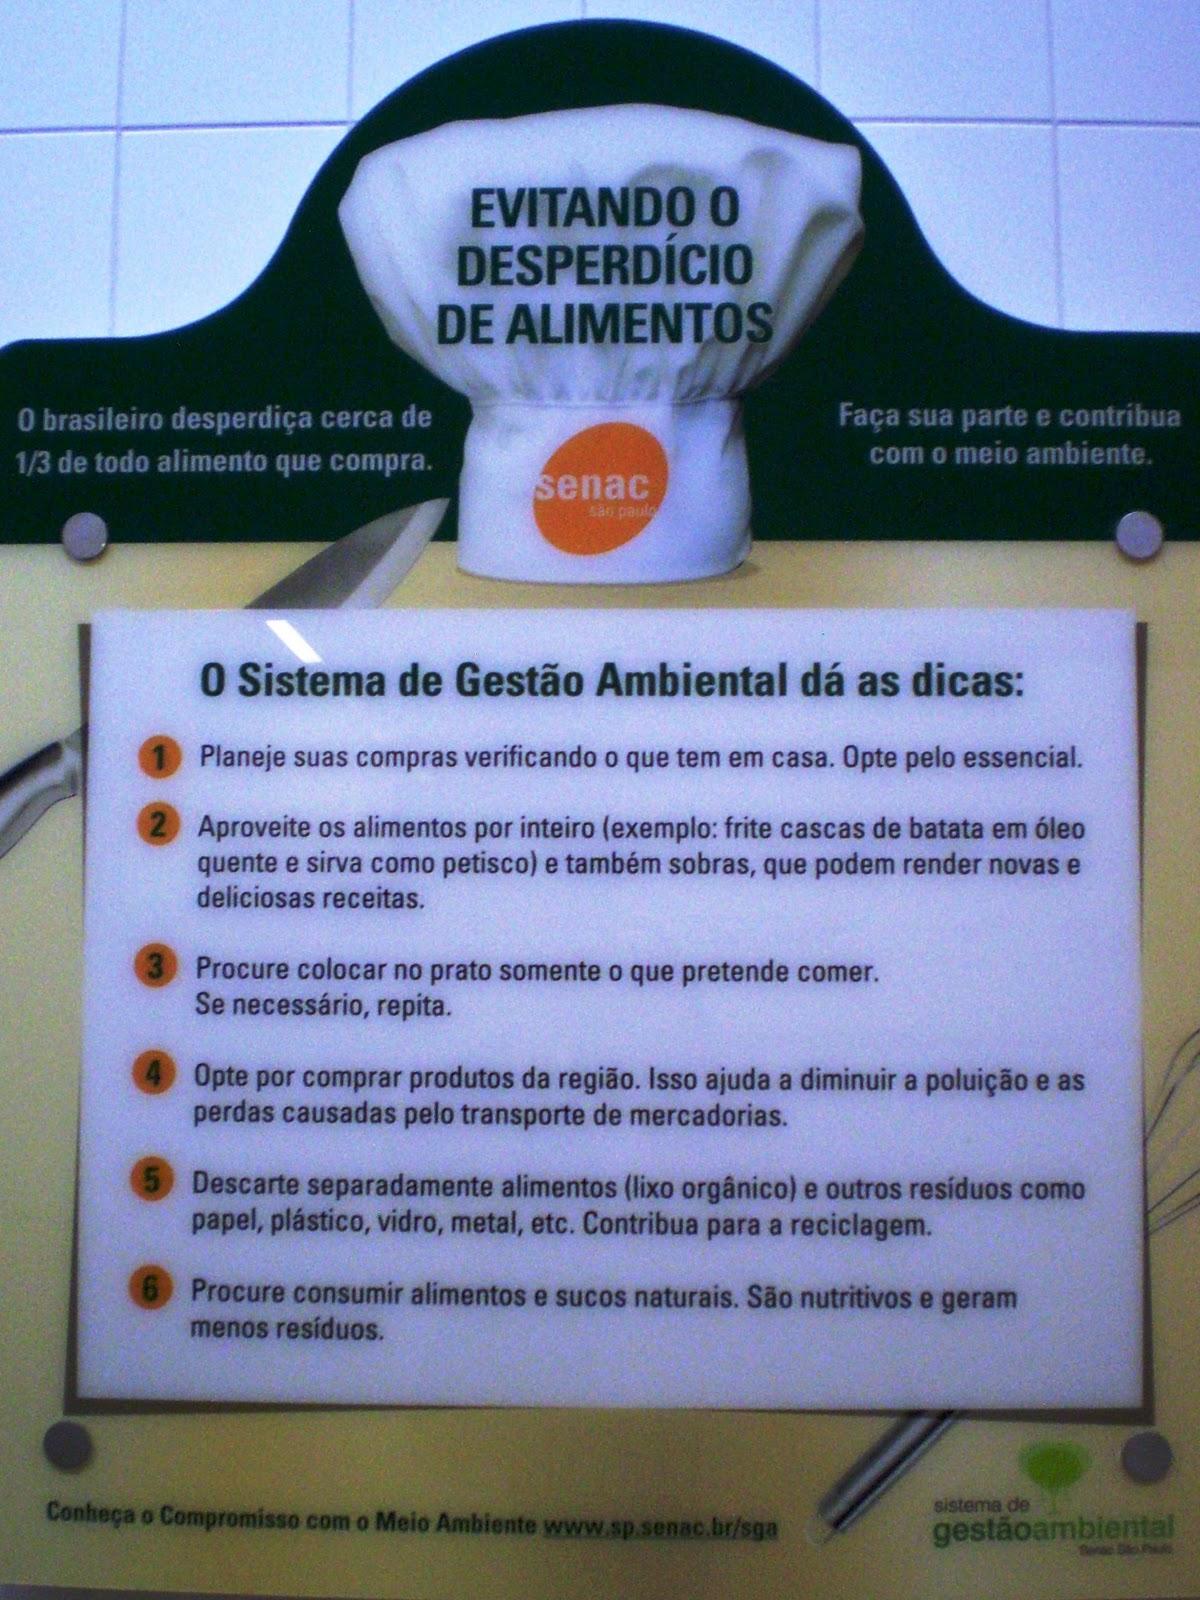 AS TENDÊNCIAS NA GASTRONOMIA PARA 2012  FOLHA DE BOA VISTA 07/01/2012 #1A48B1 1200 1600